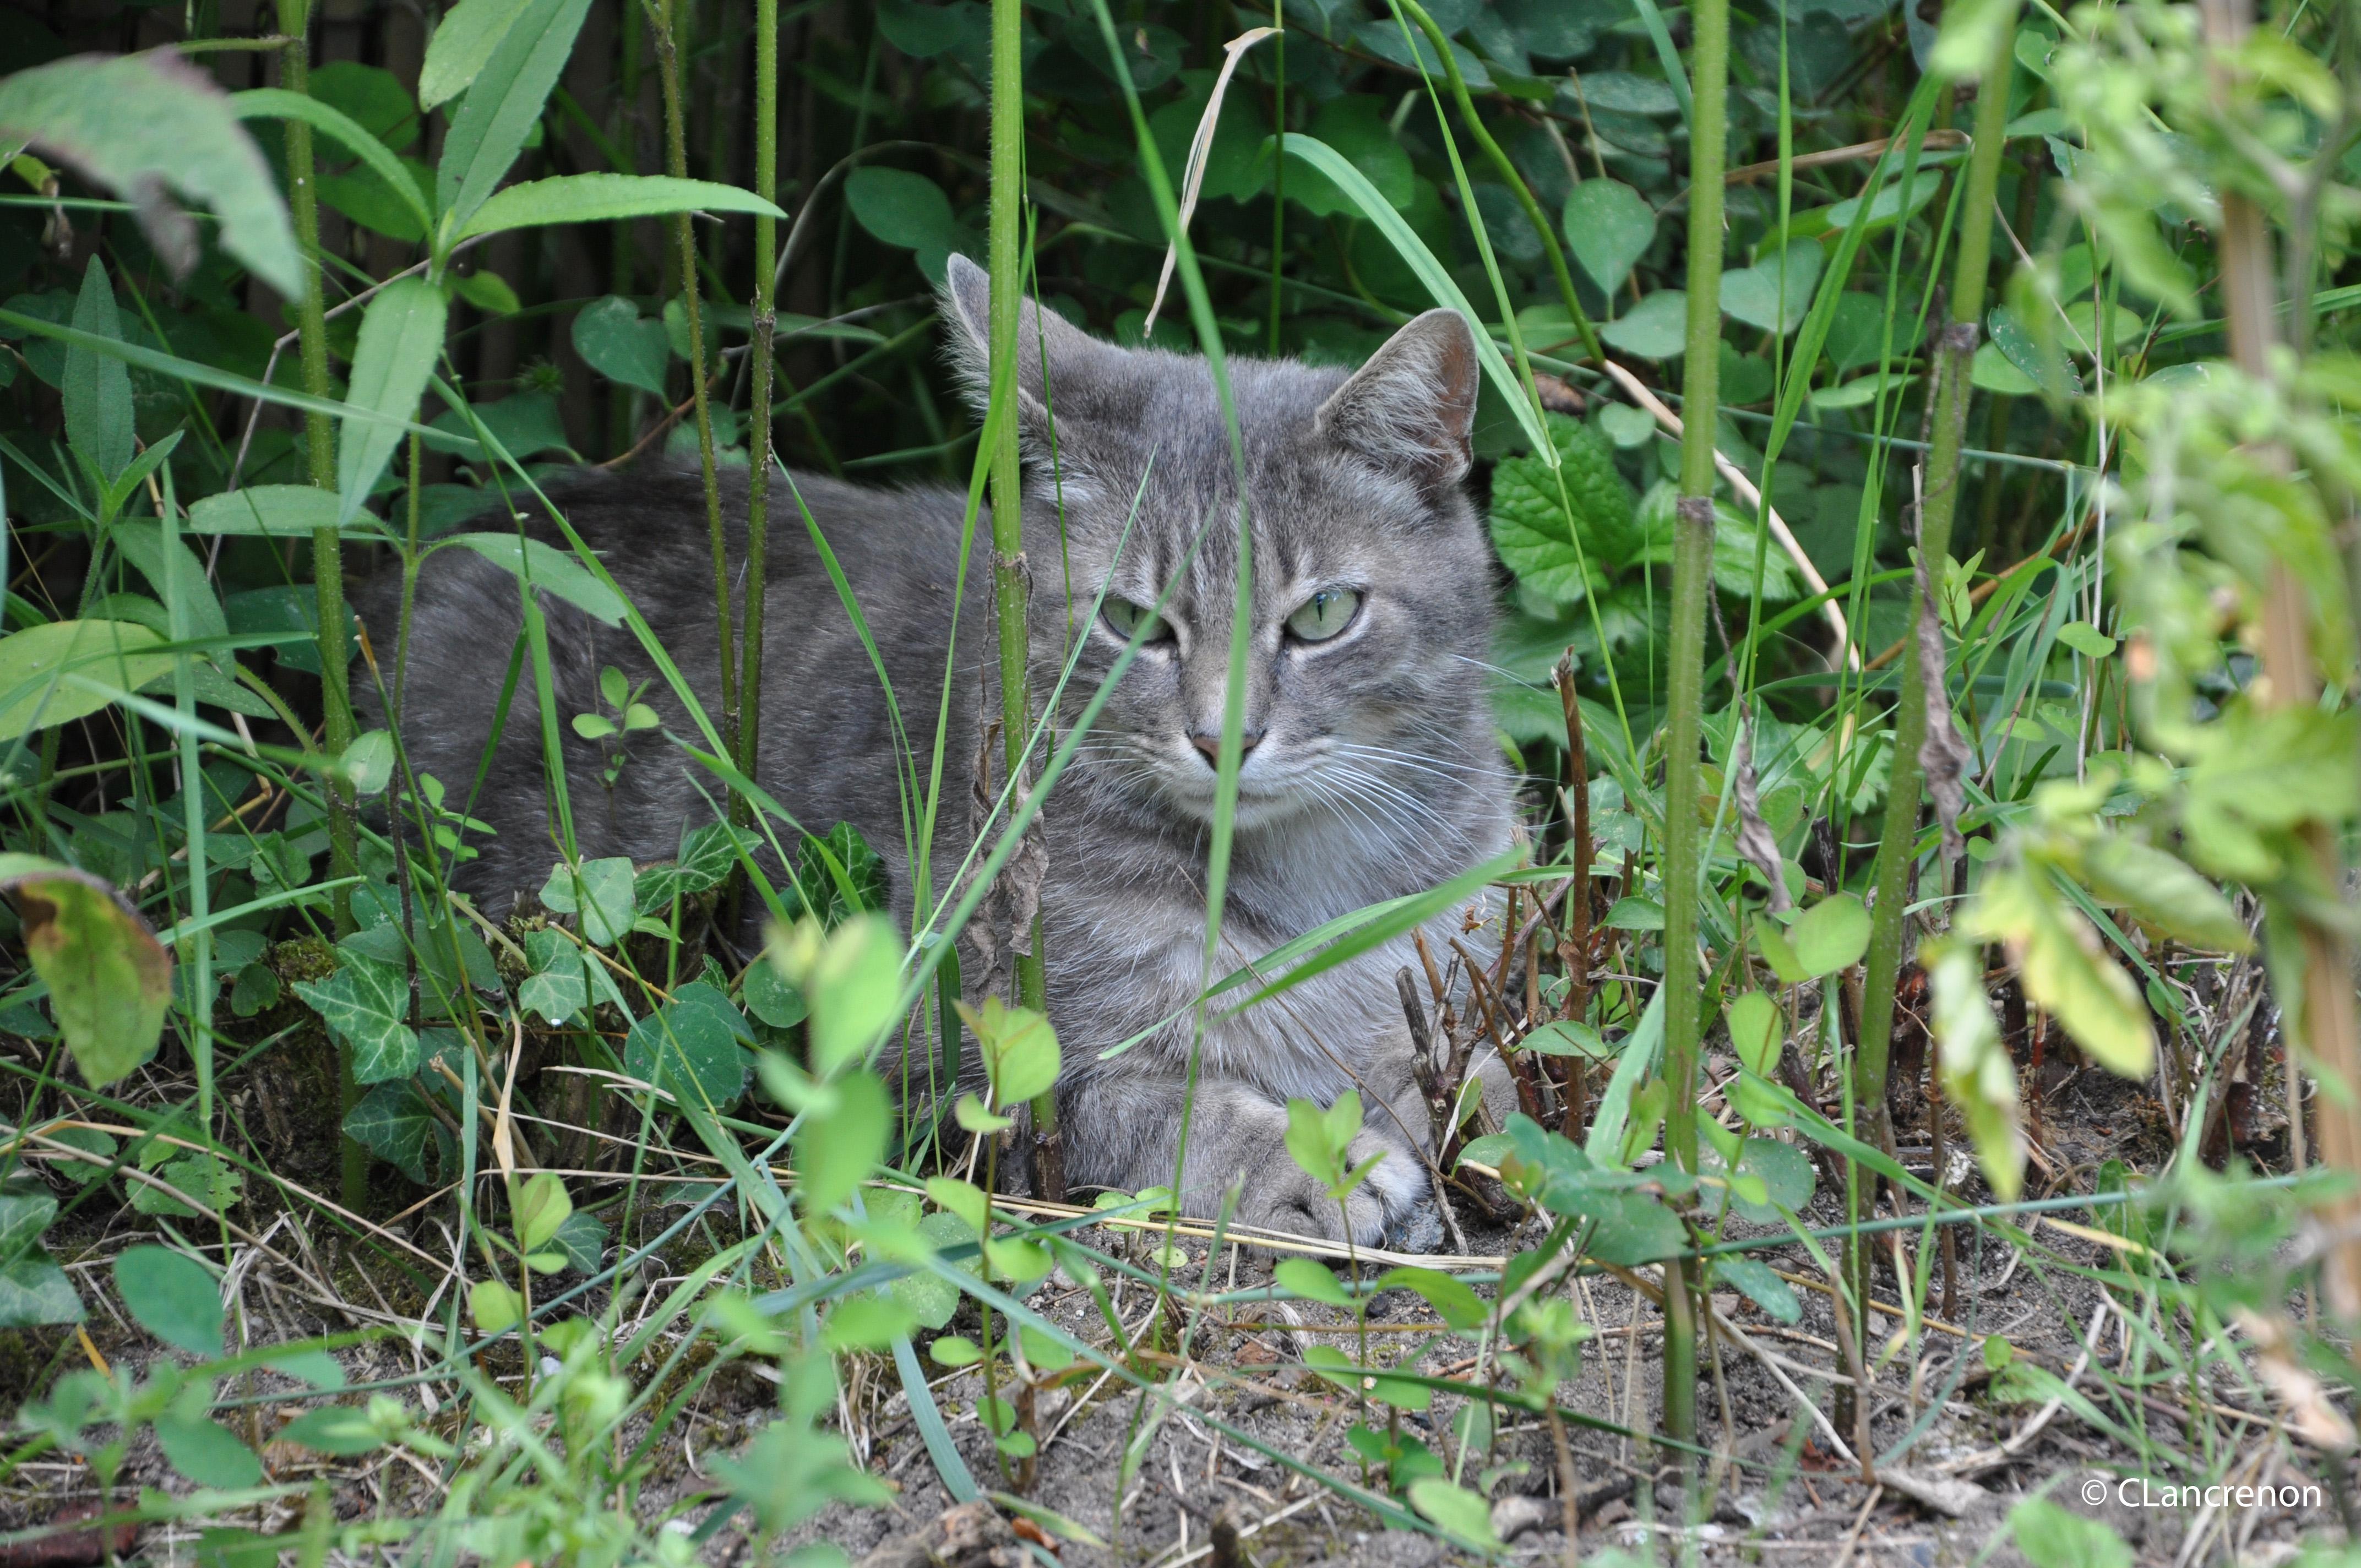 25 chat libre gardien du jardin montagnes for Jardin 2 montagnes